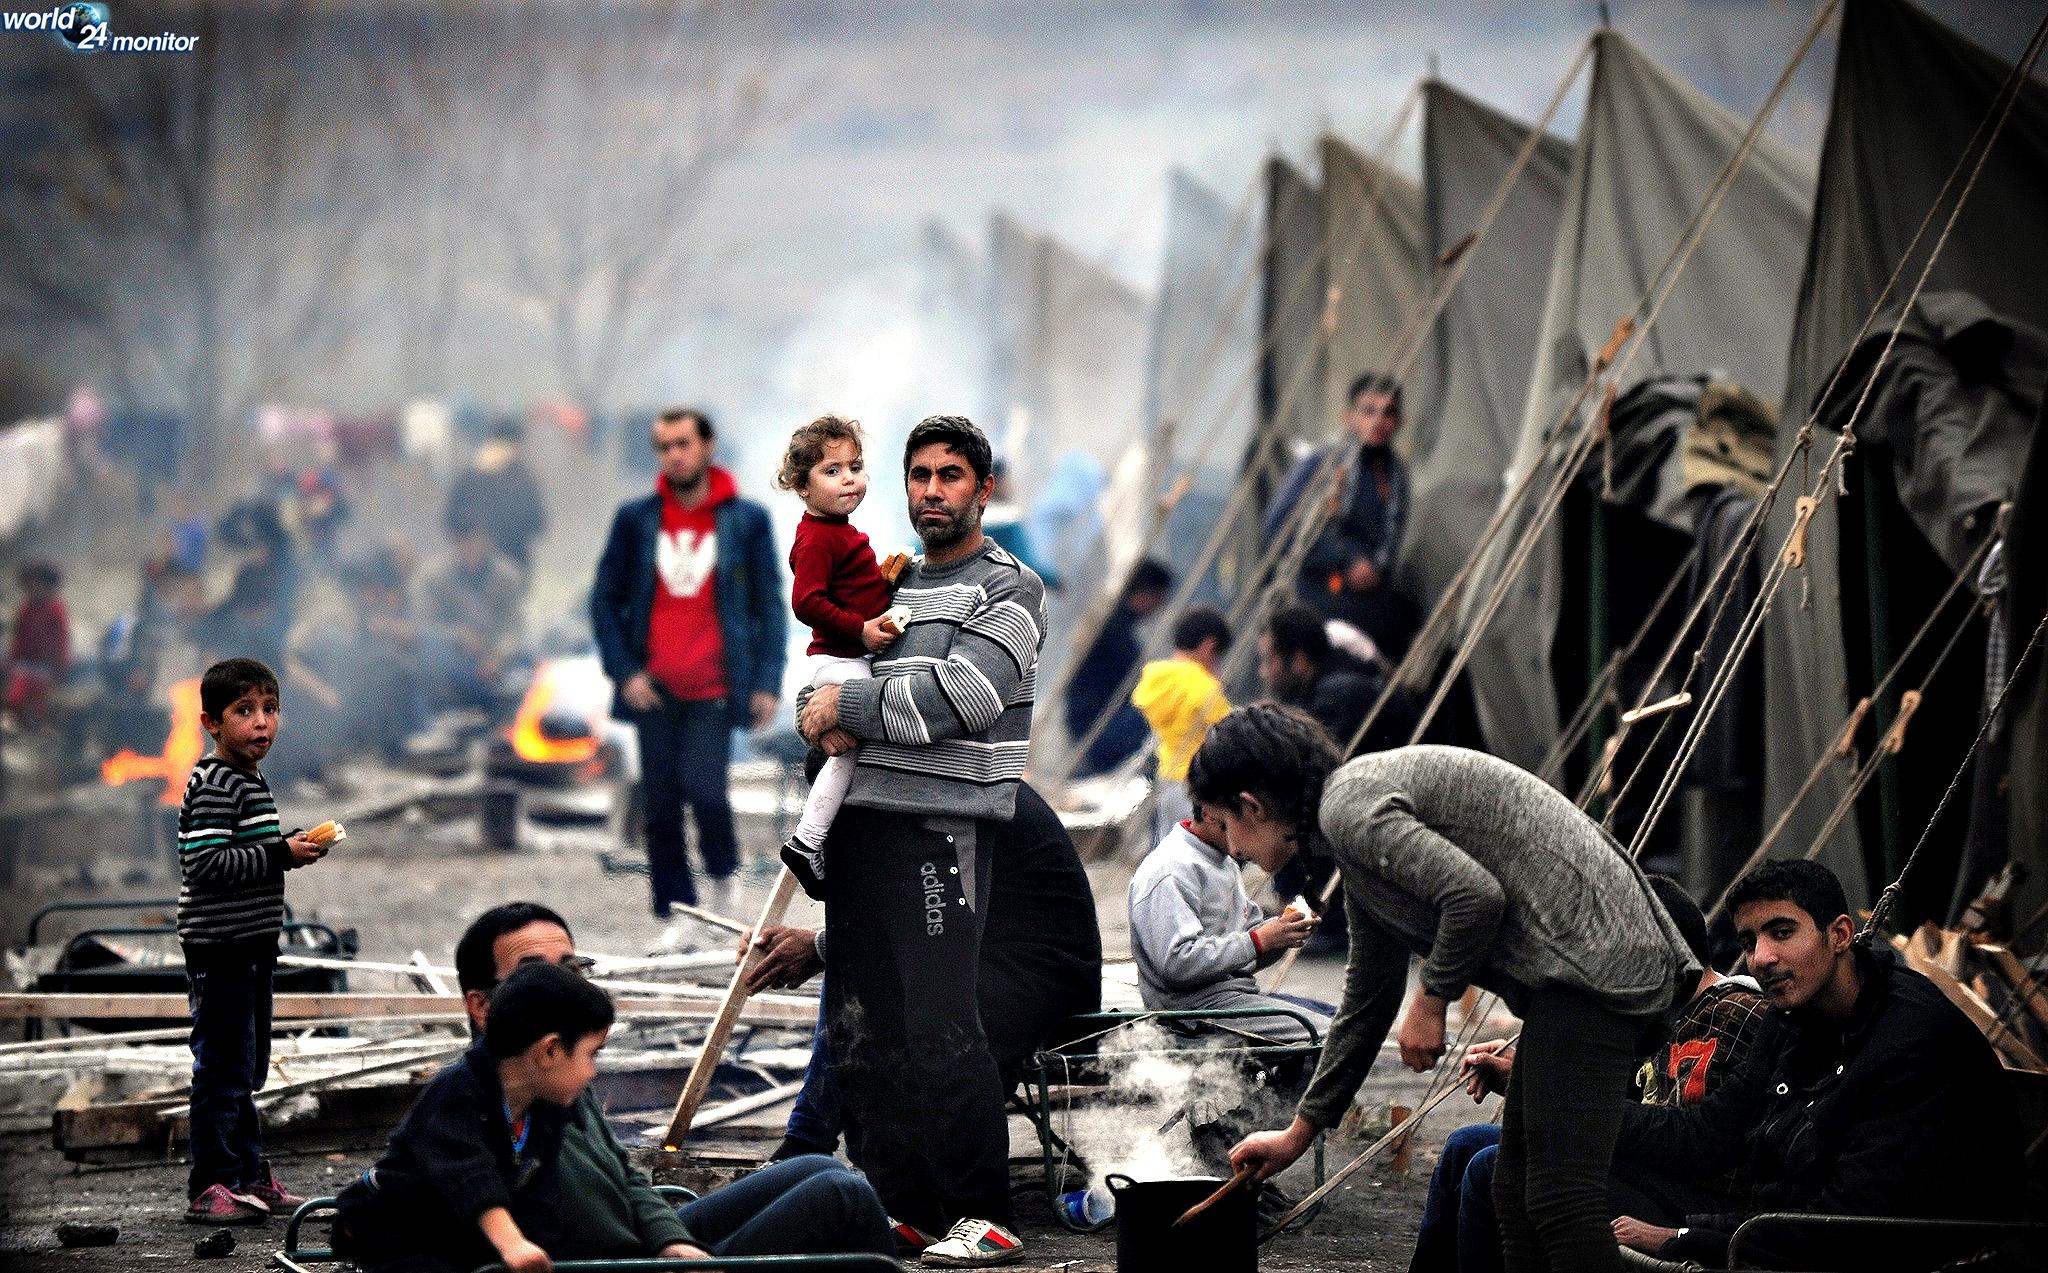 مهاجرت، پناهجویان و کار